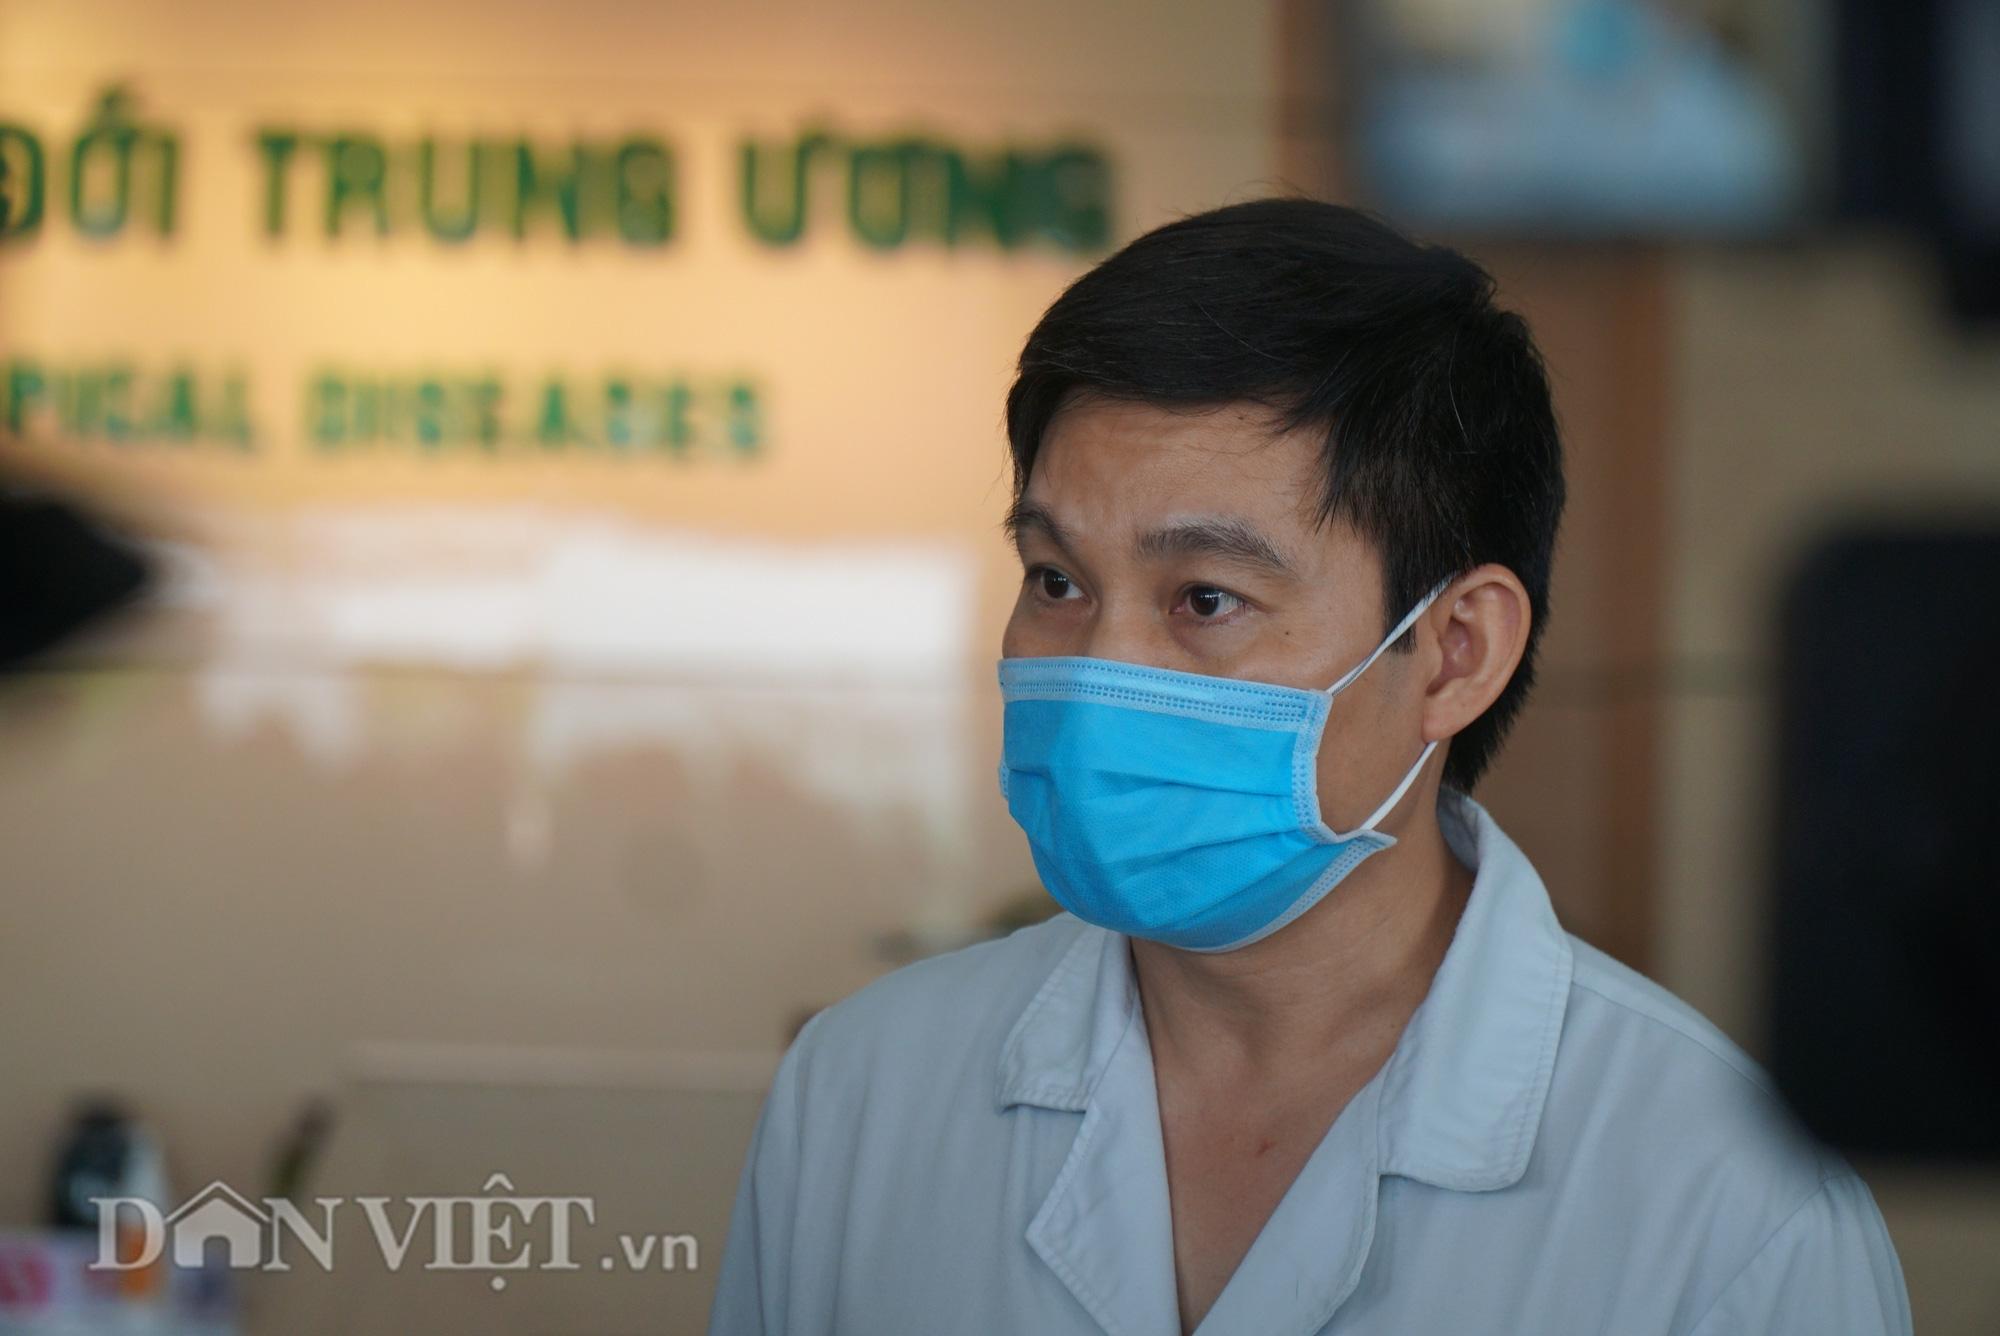 Bác bệnh nhân số 17 chính thức khỏi Covid-19 sau hơn 2 tháng điều trị - Ảnh 8.